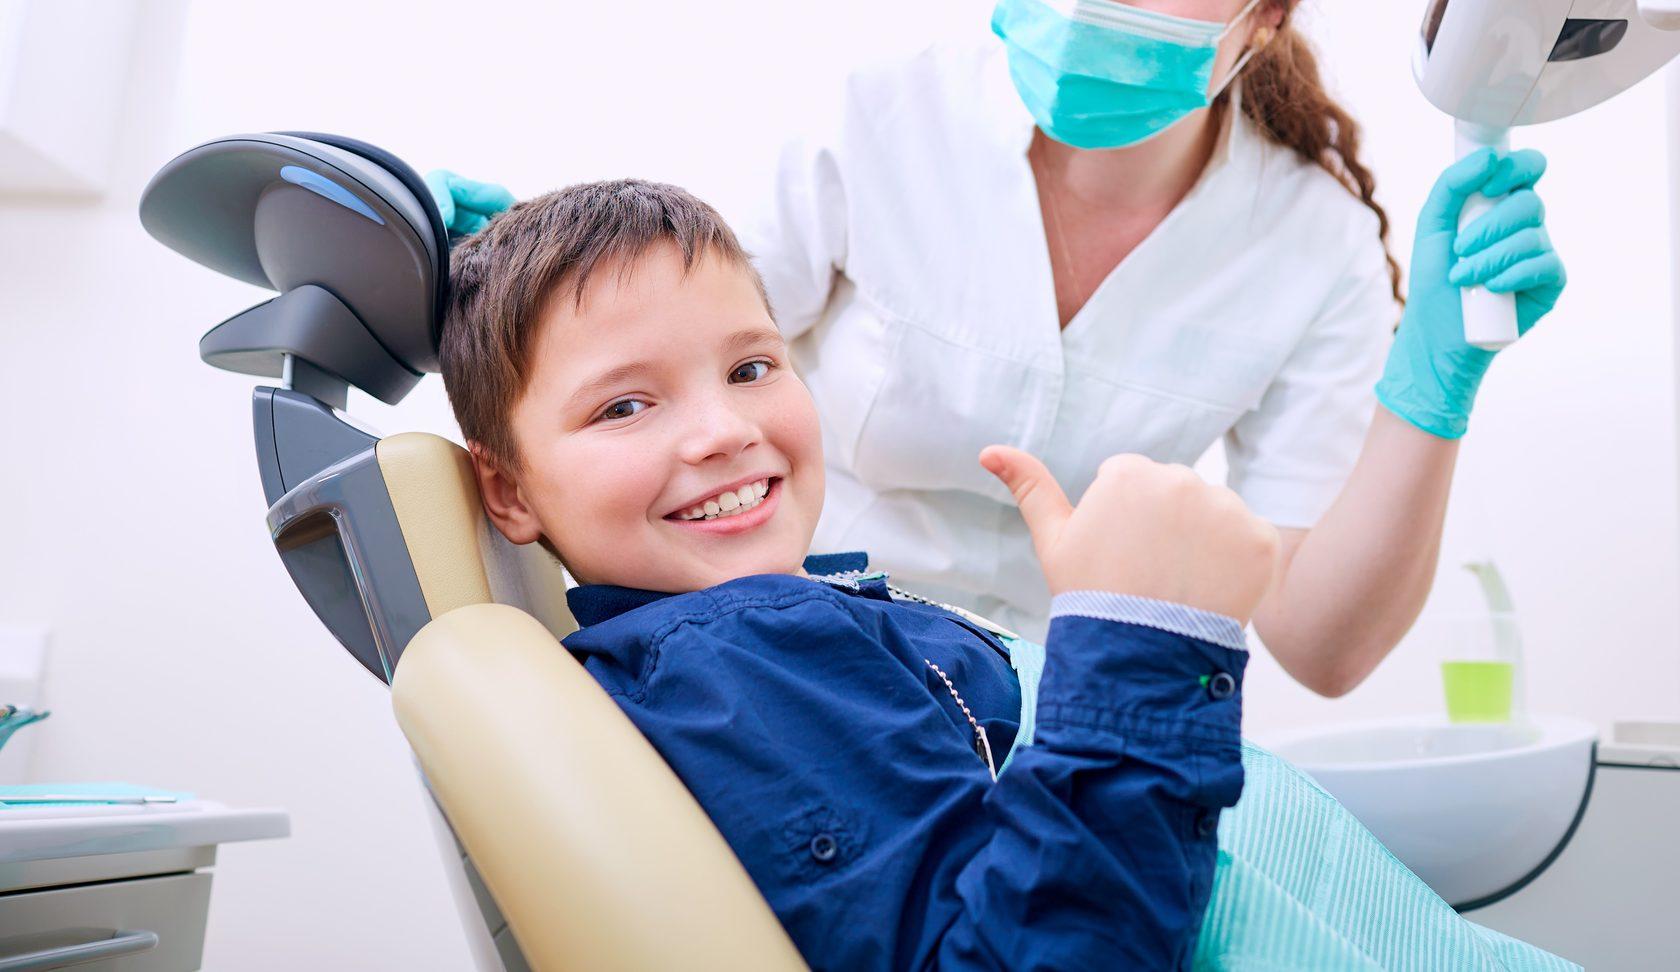 чистка зубов в дрожжино